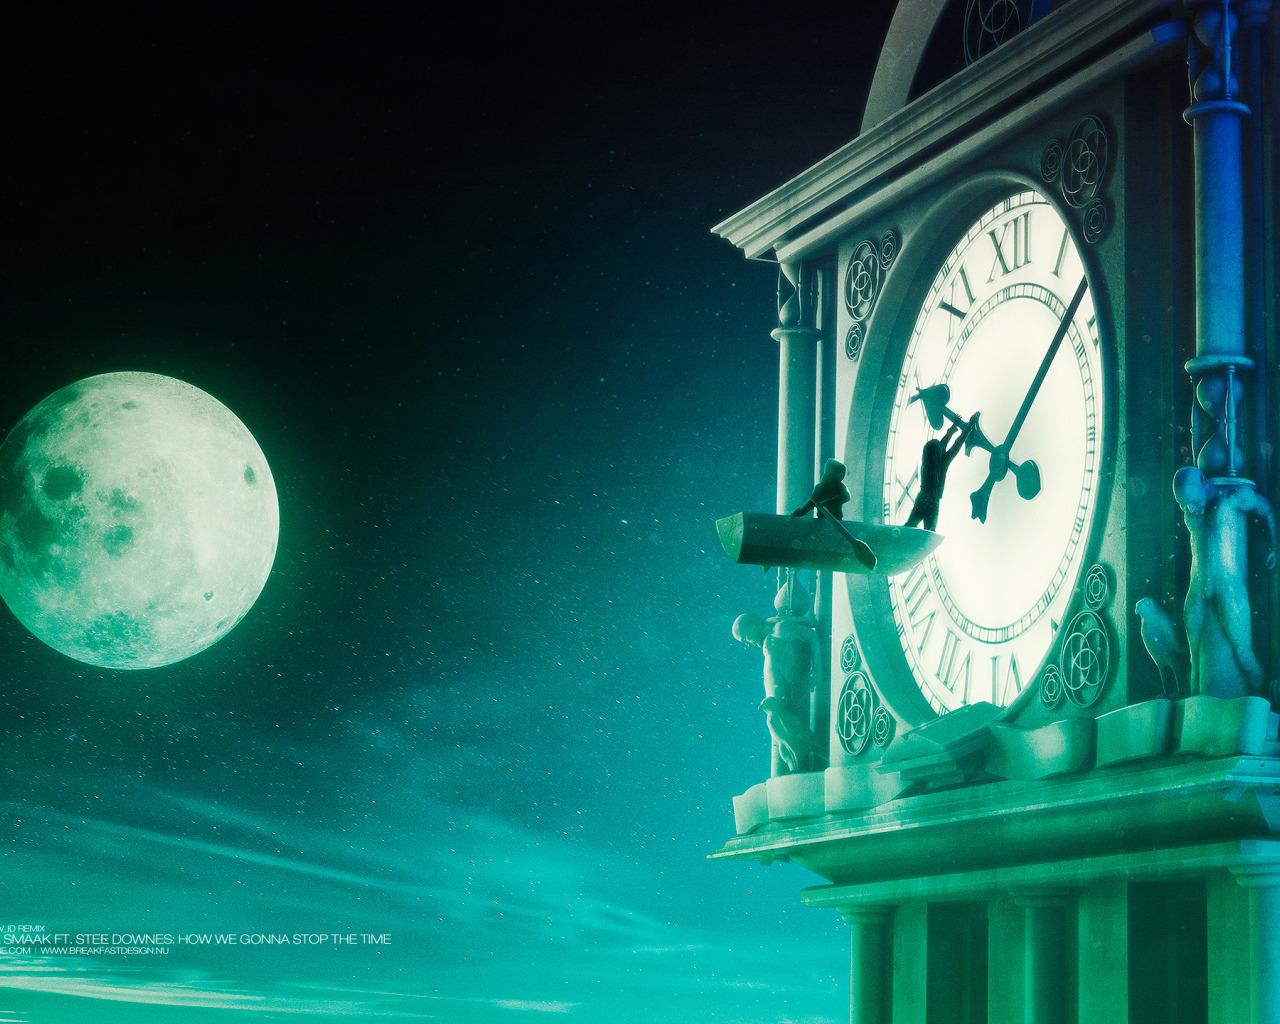 Я Могу Остановить Время Stop The Time